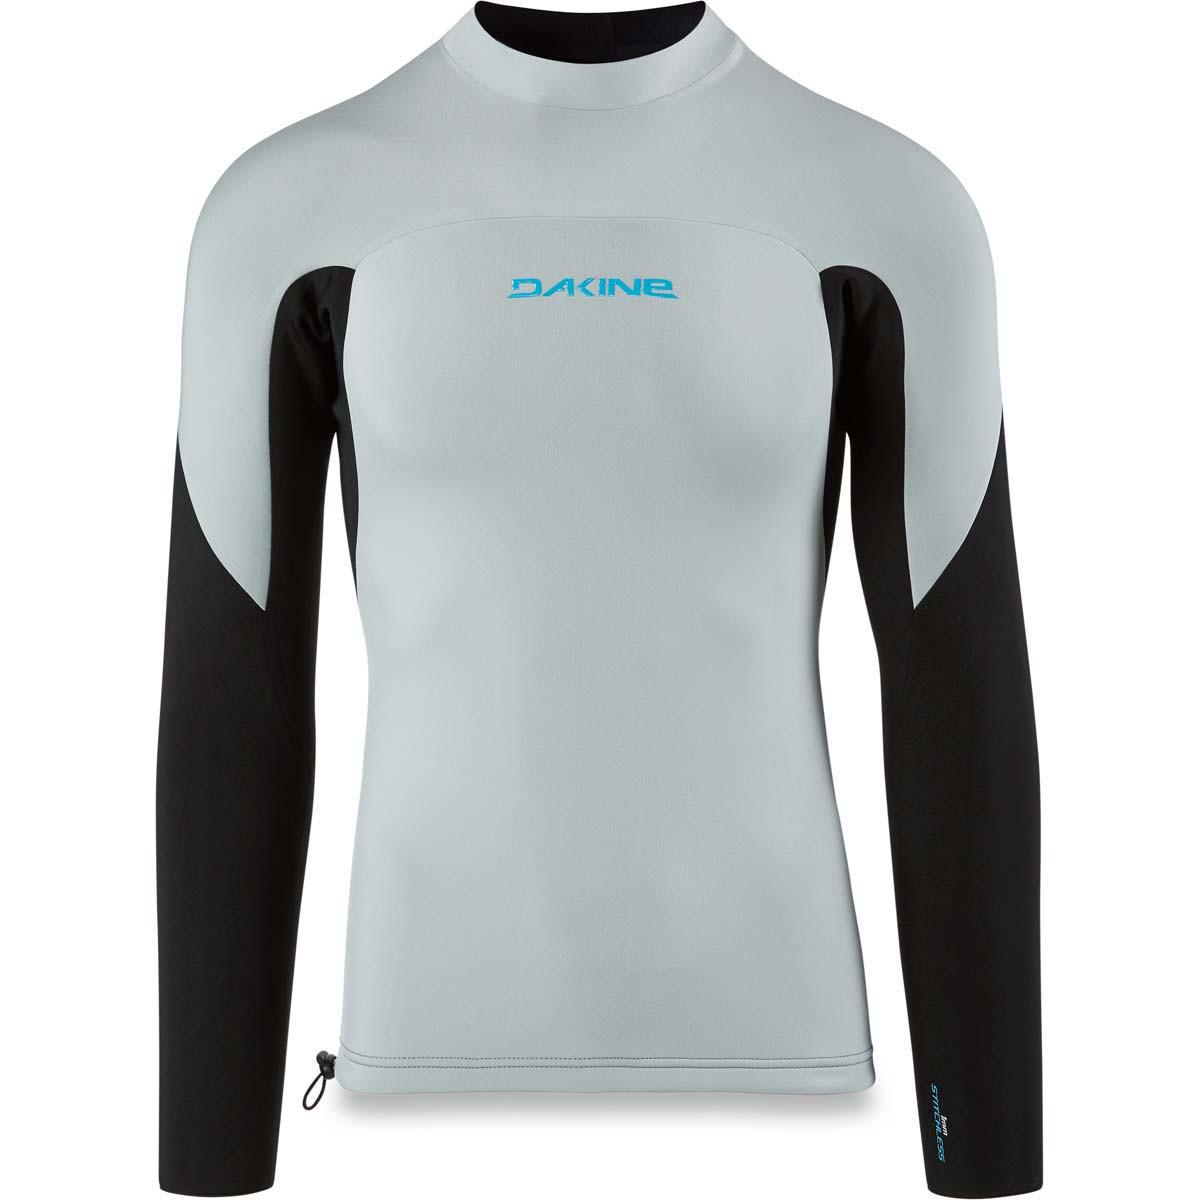 875169ab7e682 Dakine 1MM Neo Jackett Stitchfree L/S Neopren Shirt Carbon | Dakine Shop